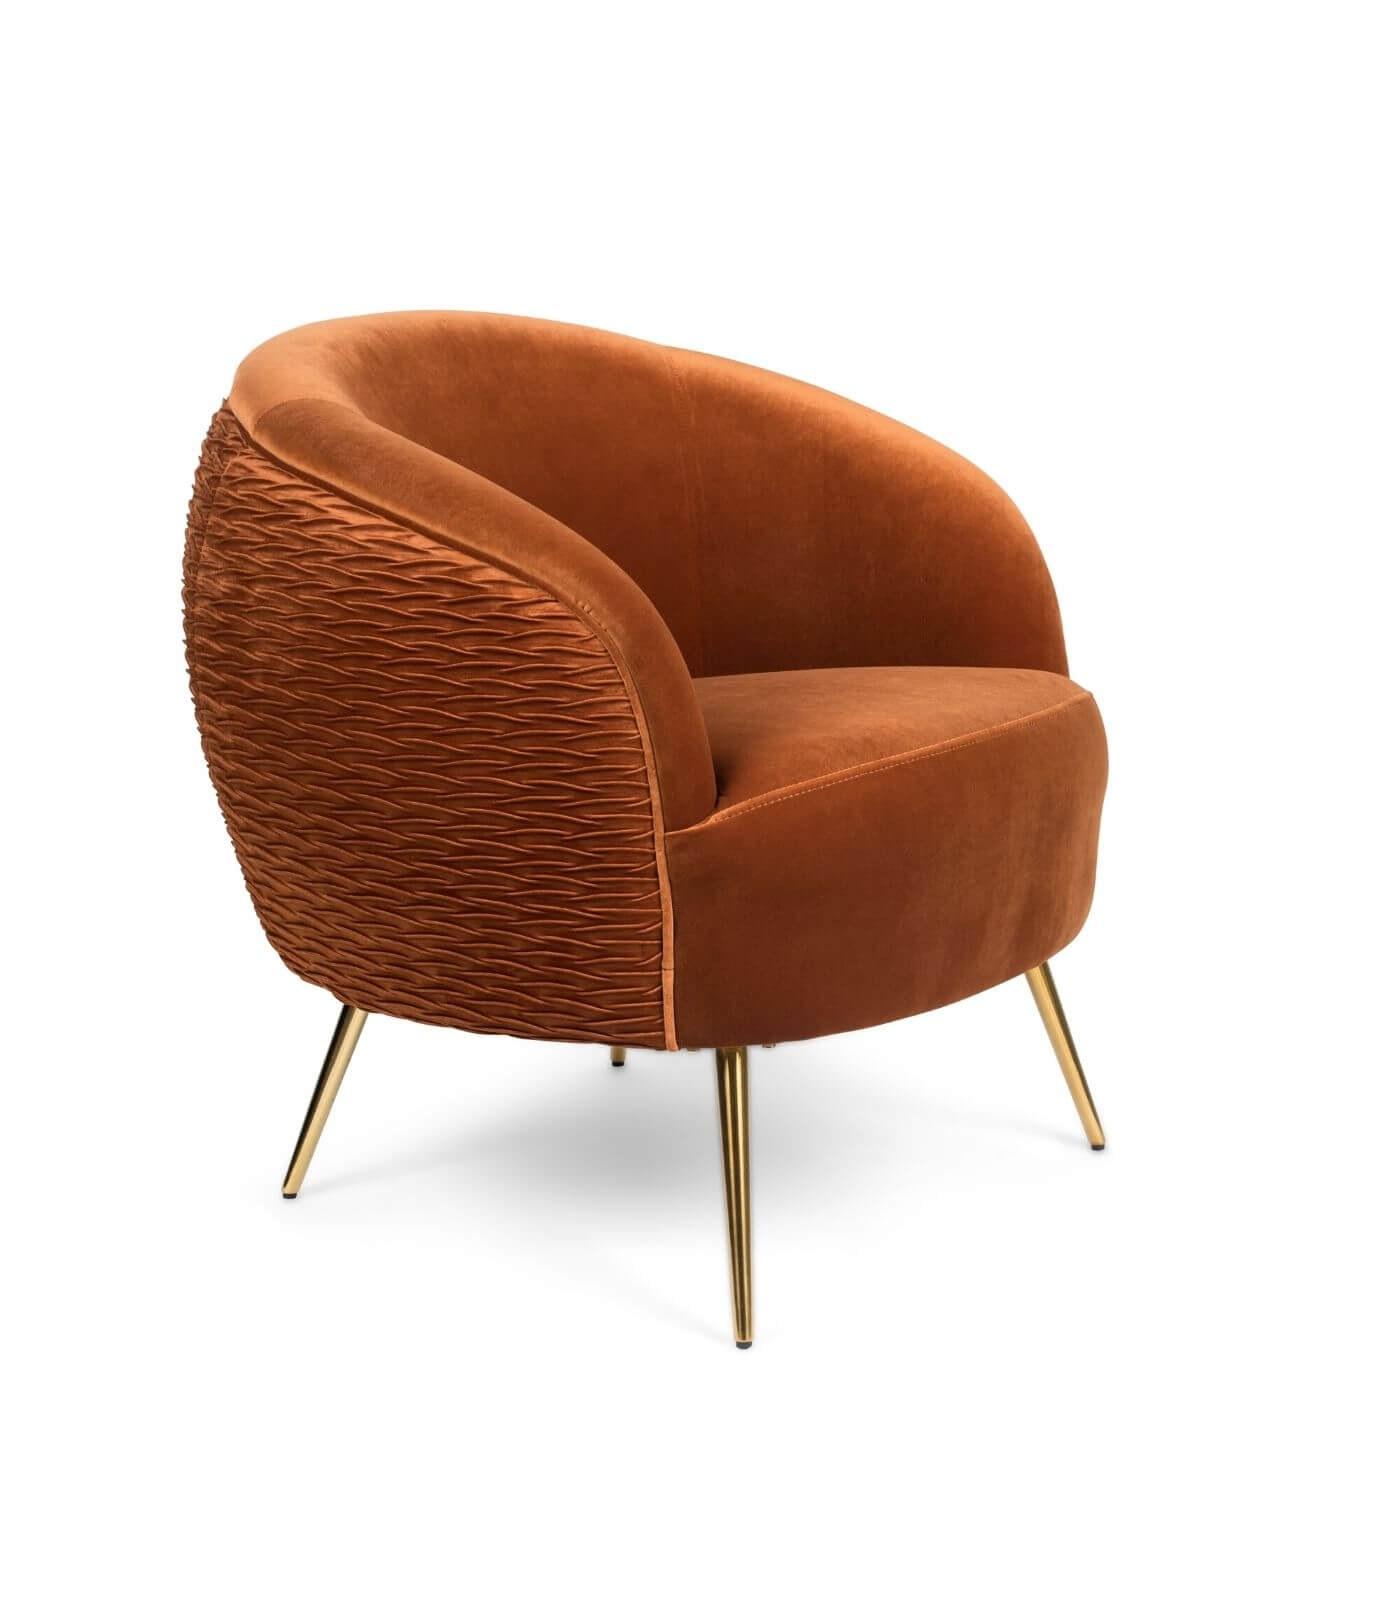 fauteuil curvy